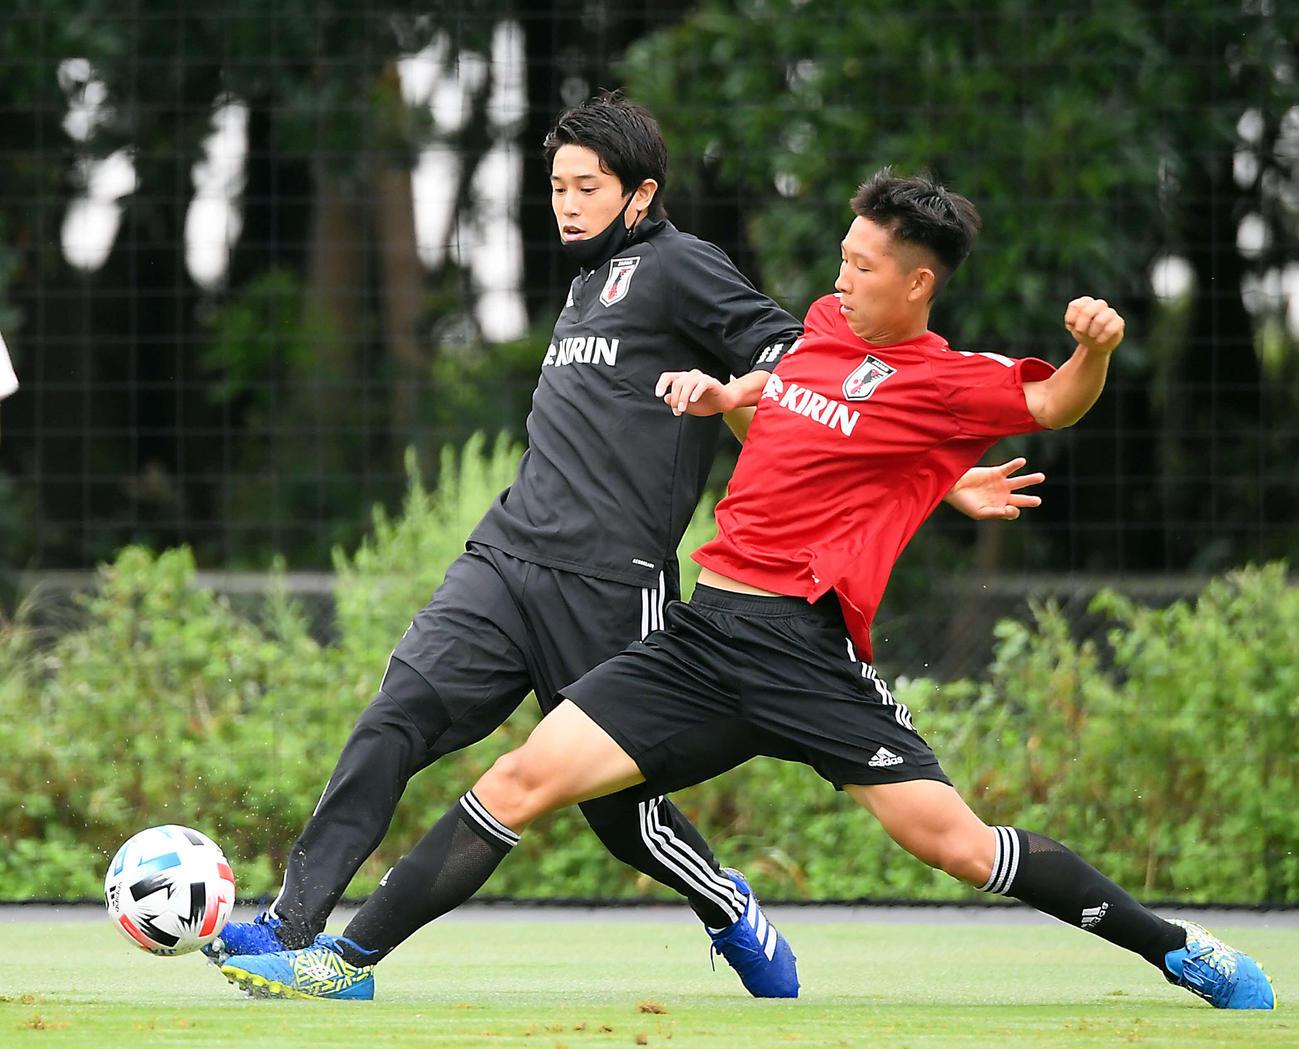 ロールモデルコーチとしてU-19日本代表の合宿に参加した内田篤人氏は、選手に負けじと軽快な動きを見せる(撮影・たえ見朱実)